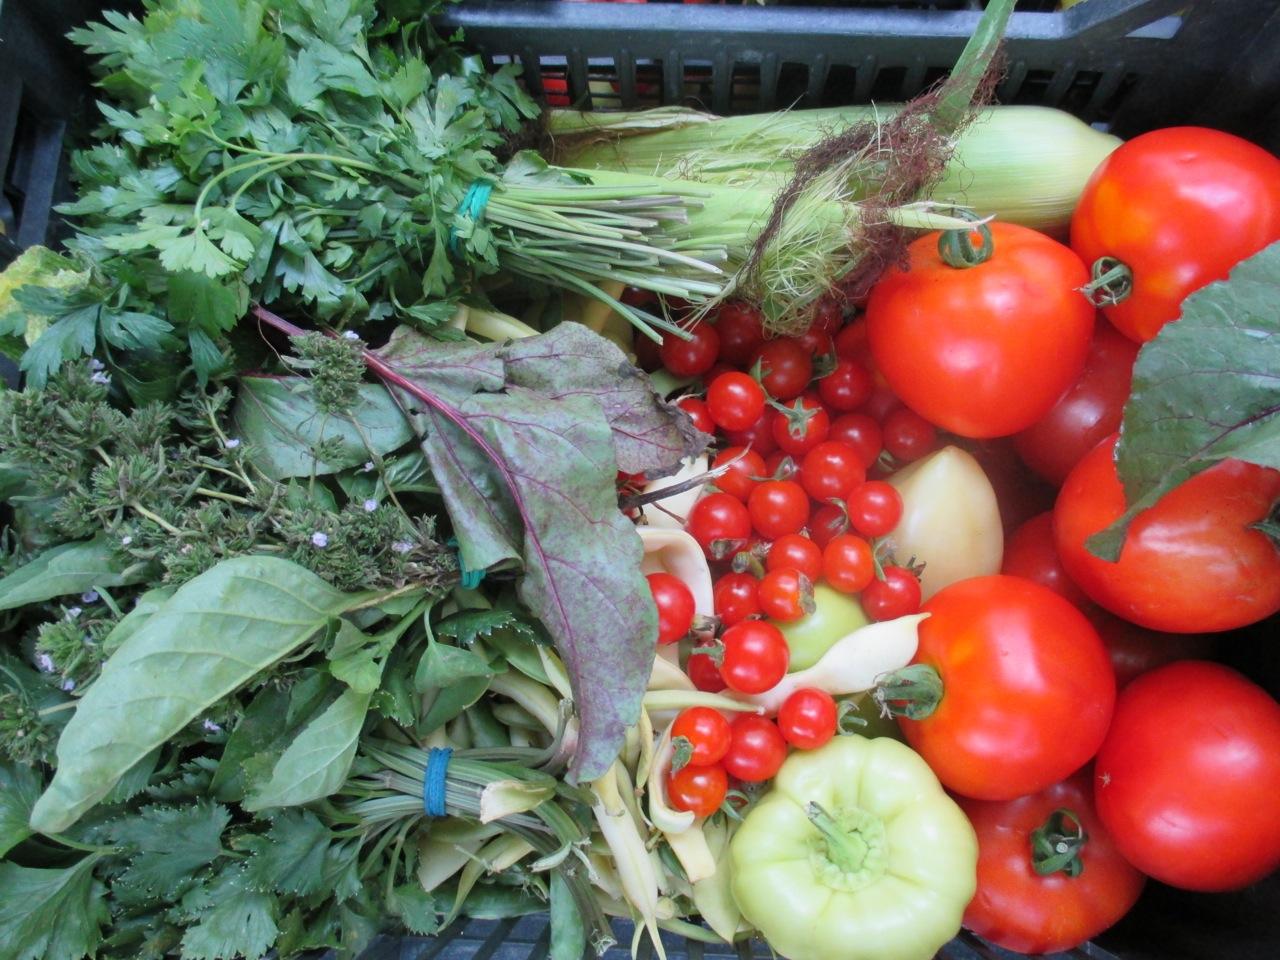 Romanii se indoapa cu legume si cartofi de la polonezi